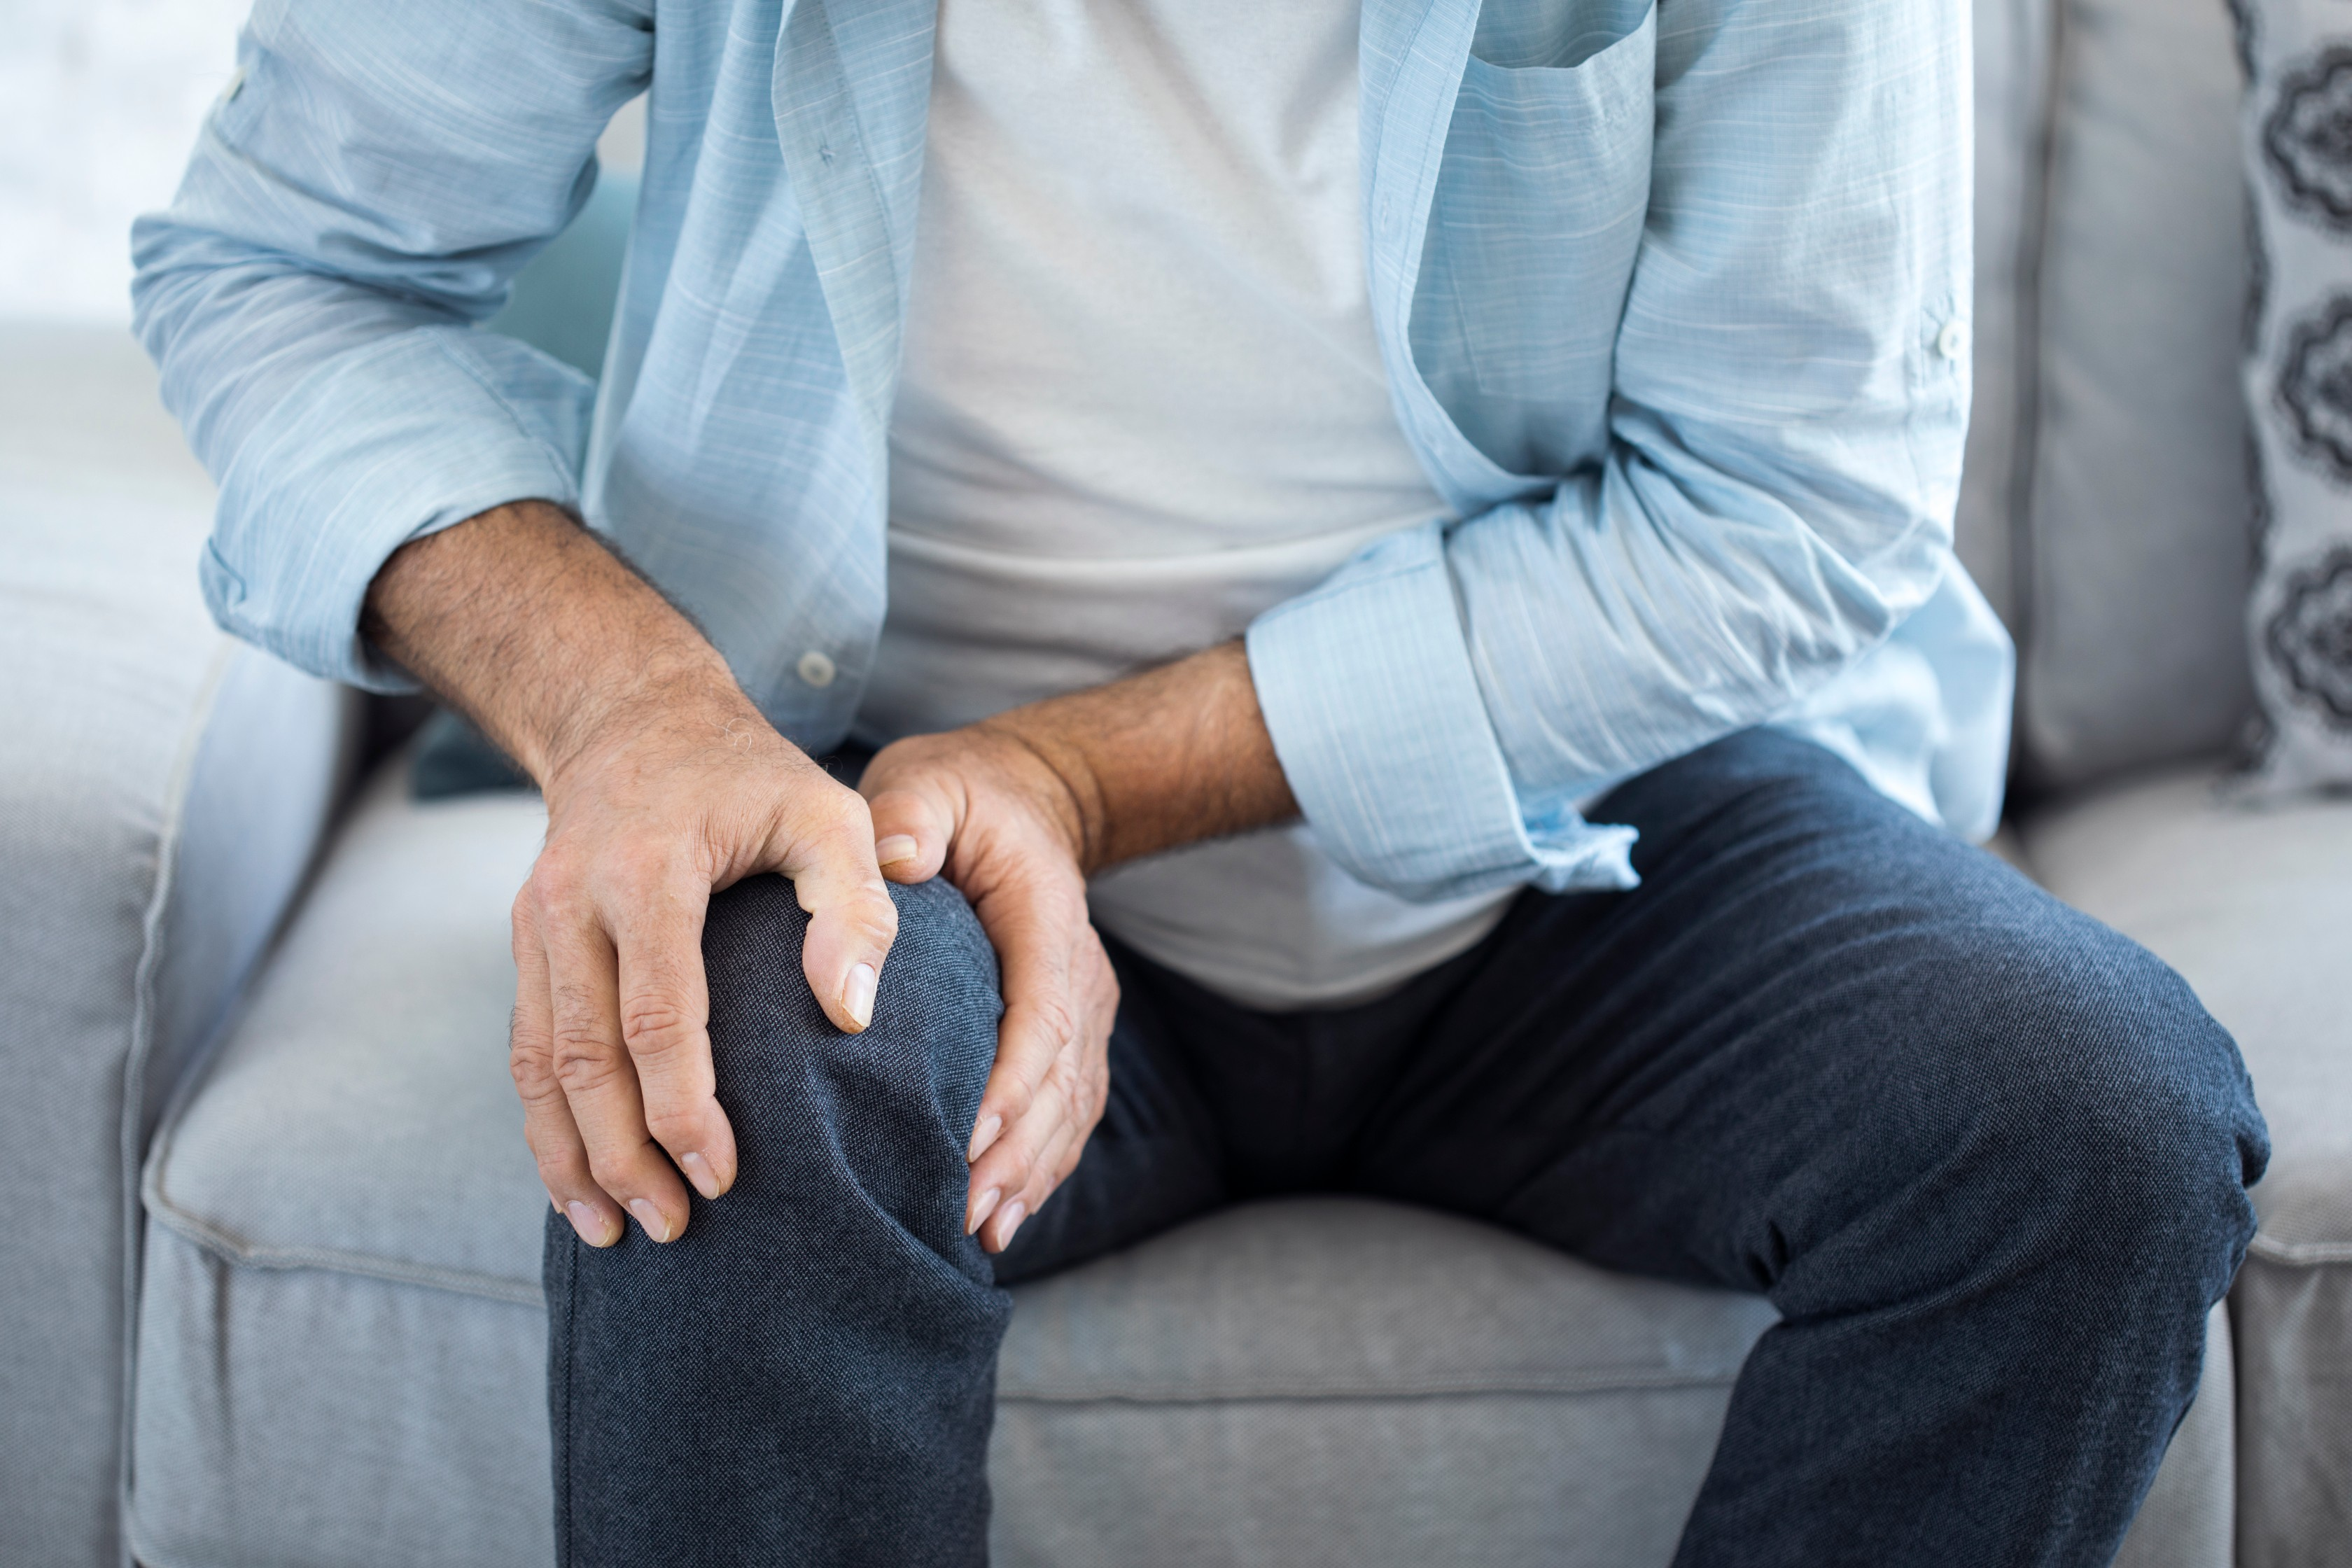 merevség és fájdalom az izmokban és az ízületekben